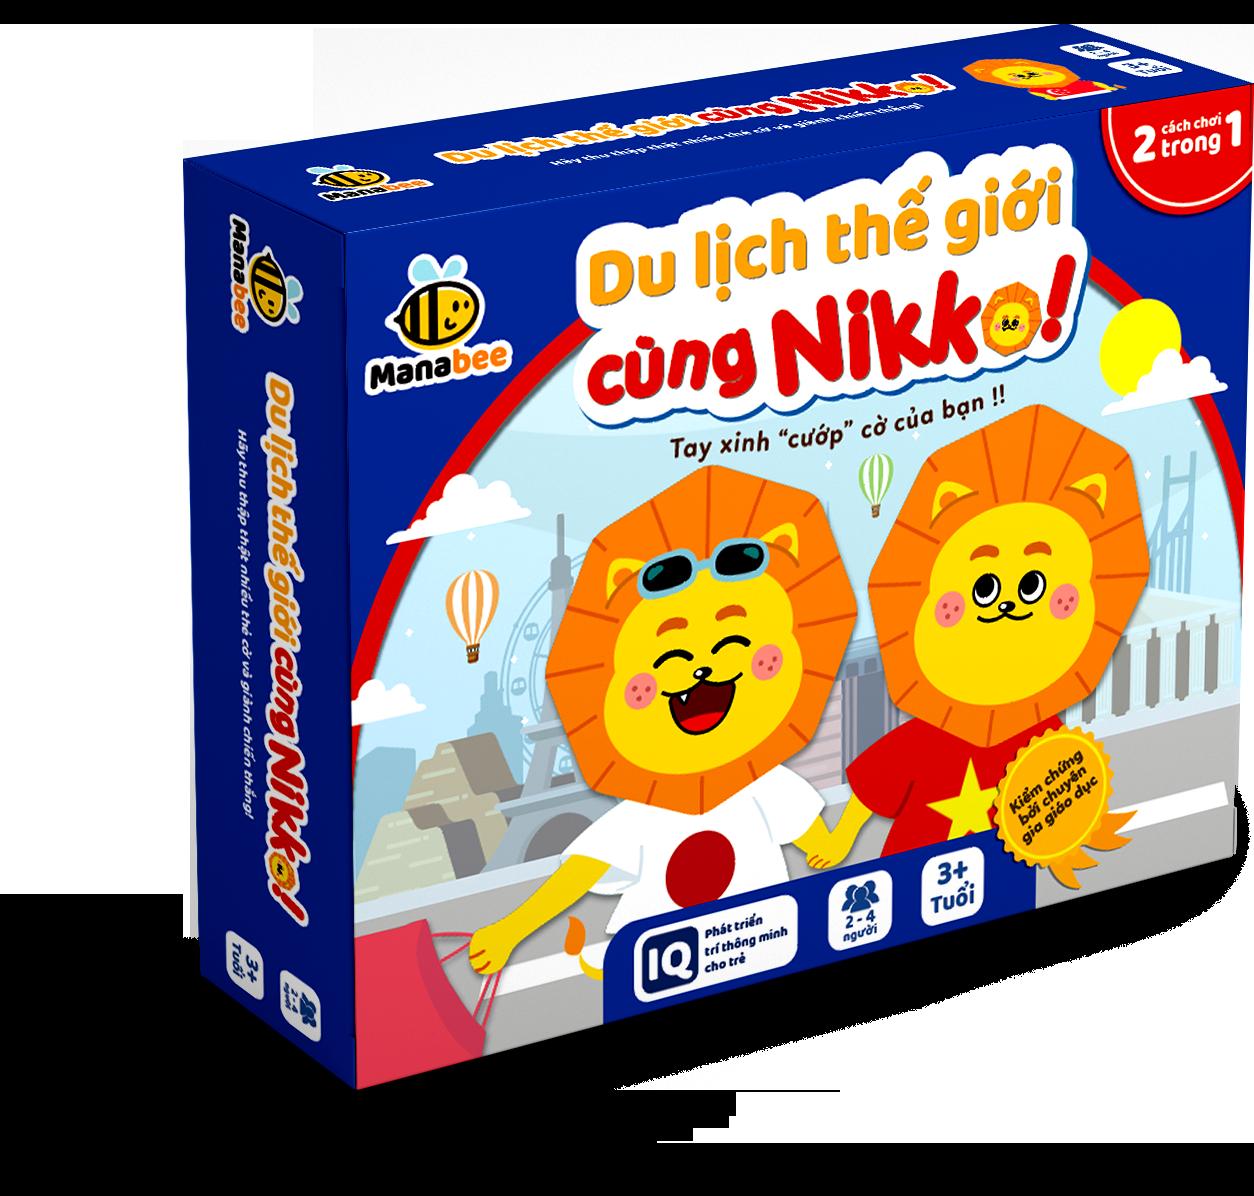 Đồ chơi trí tuệ Manabee – Du lịch thế giới cùng Nikko – Giúp bé khám phá thế giới và chinh phục môn toán – Lứa tuổi 3+